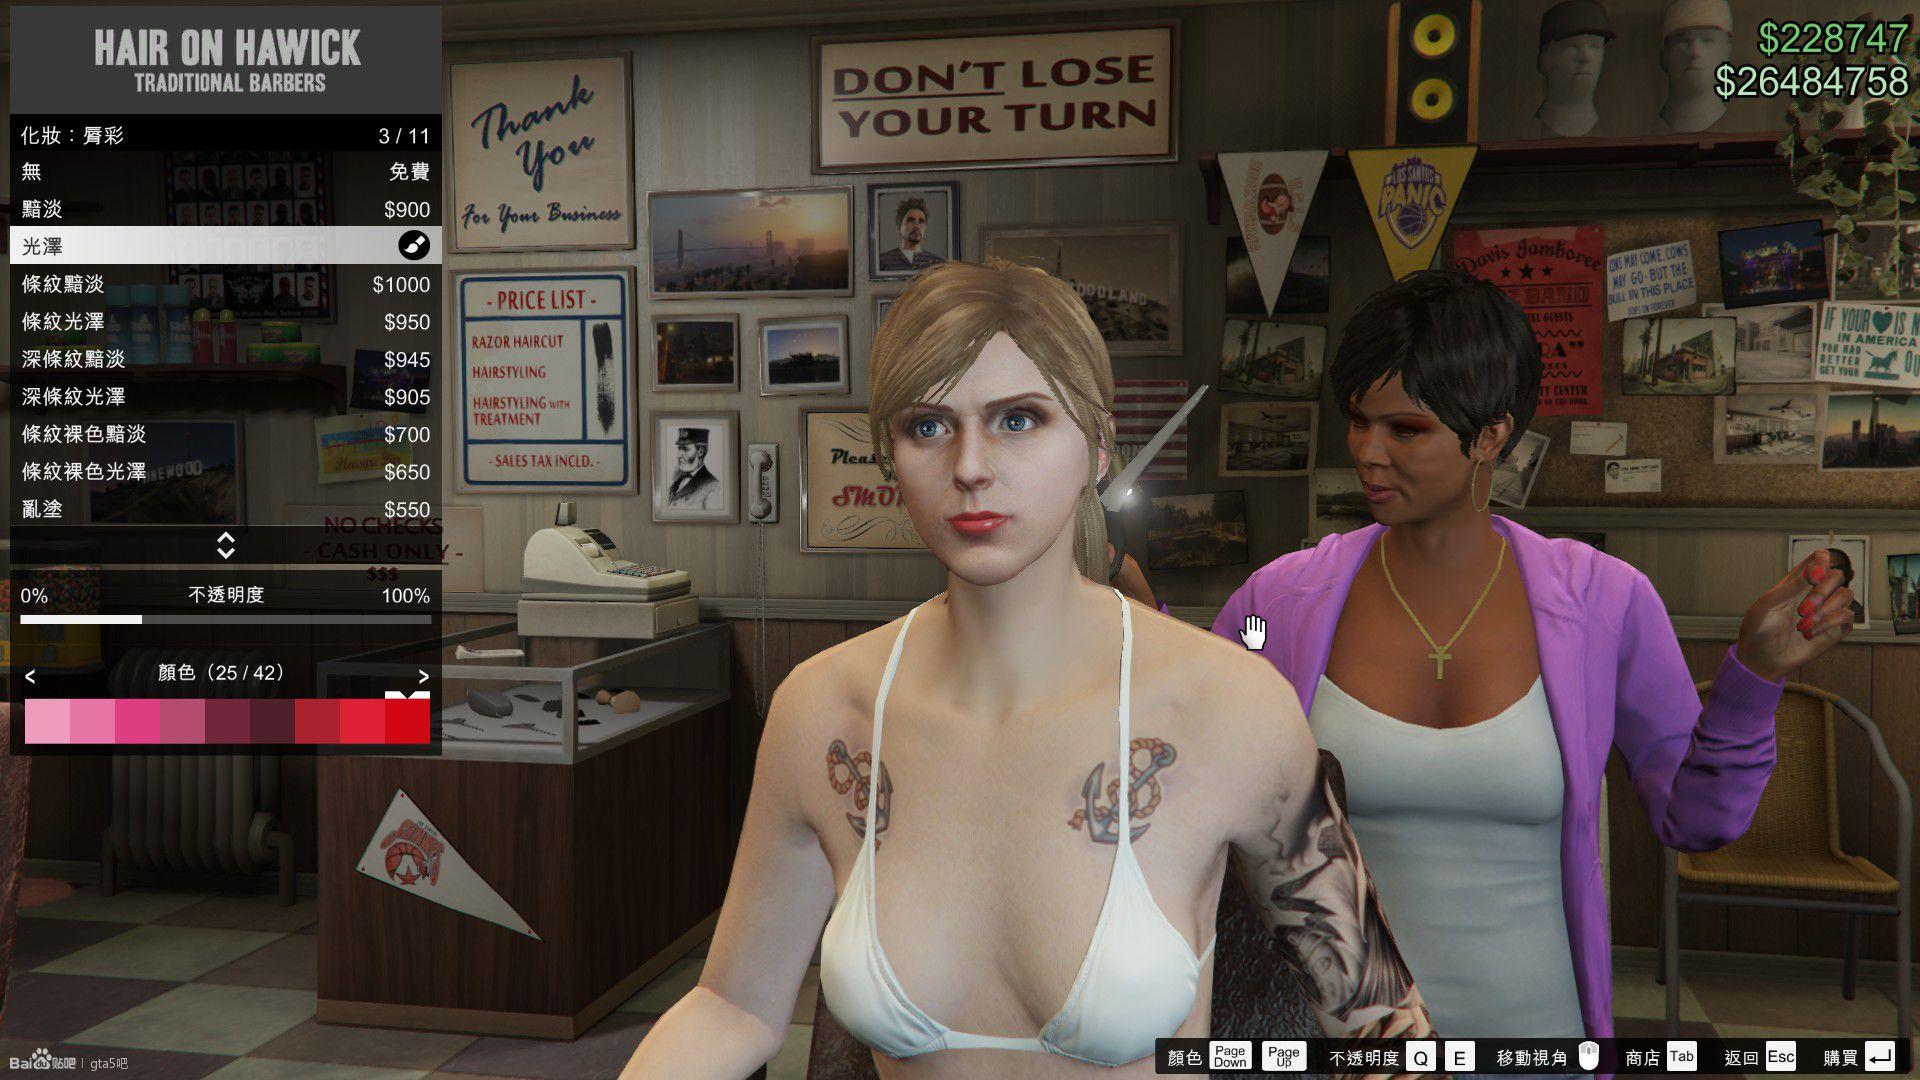 【捏脸】GTA5女角色捏脸数据插图(15)